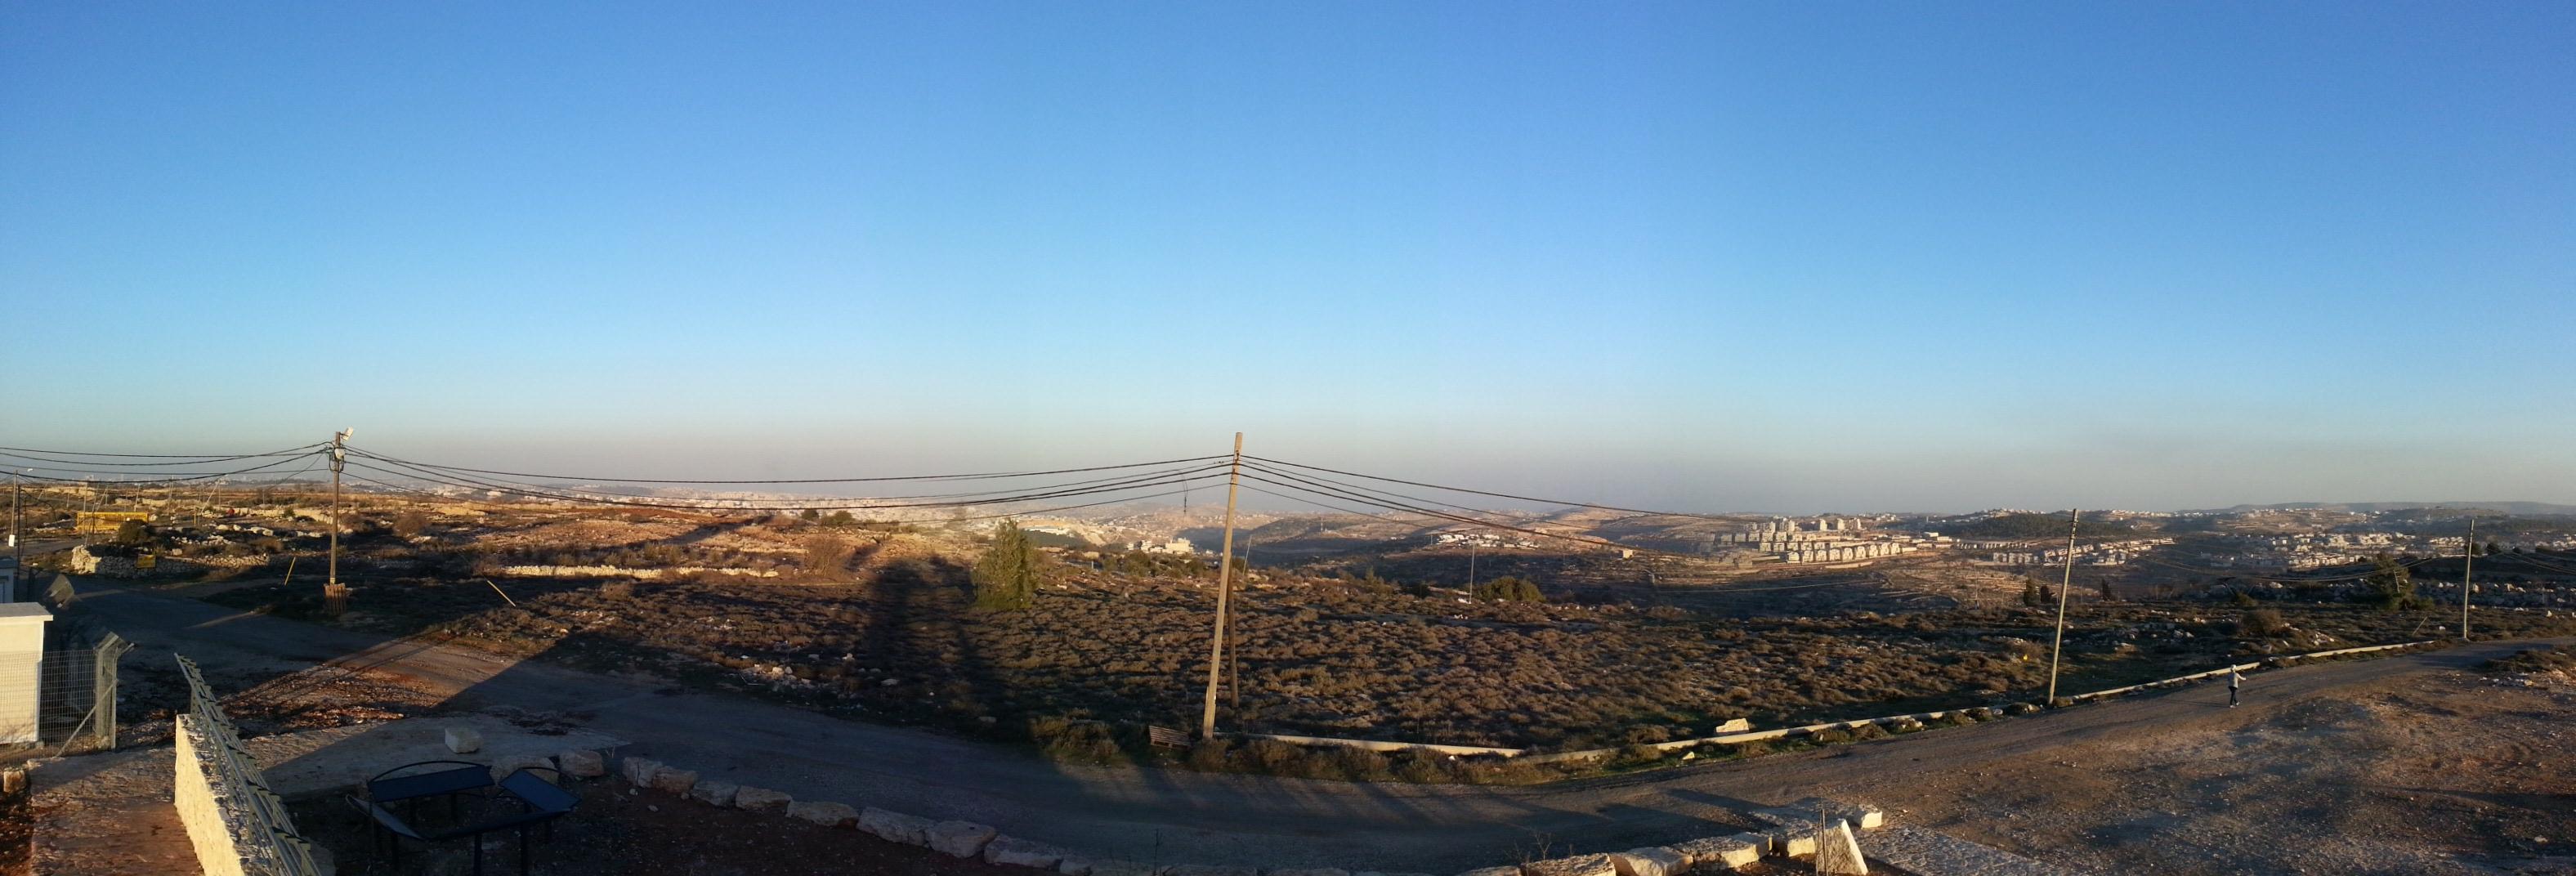 View from Mitzpe HaElef